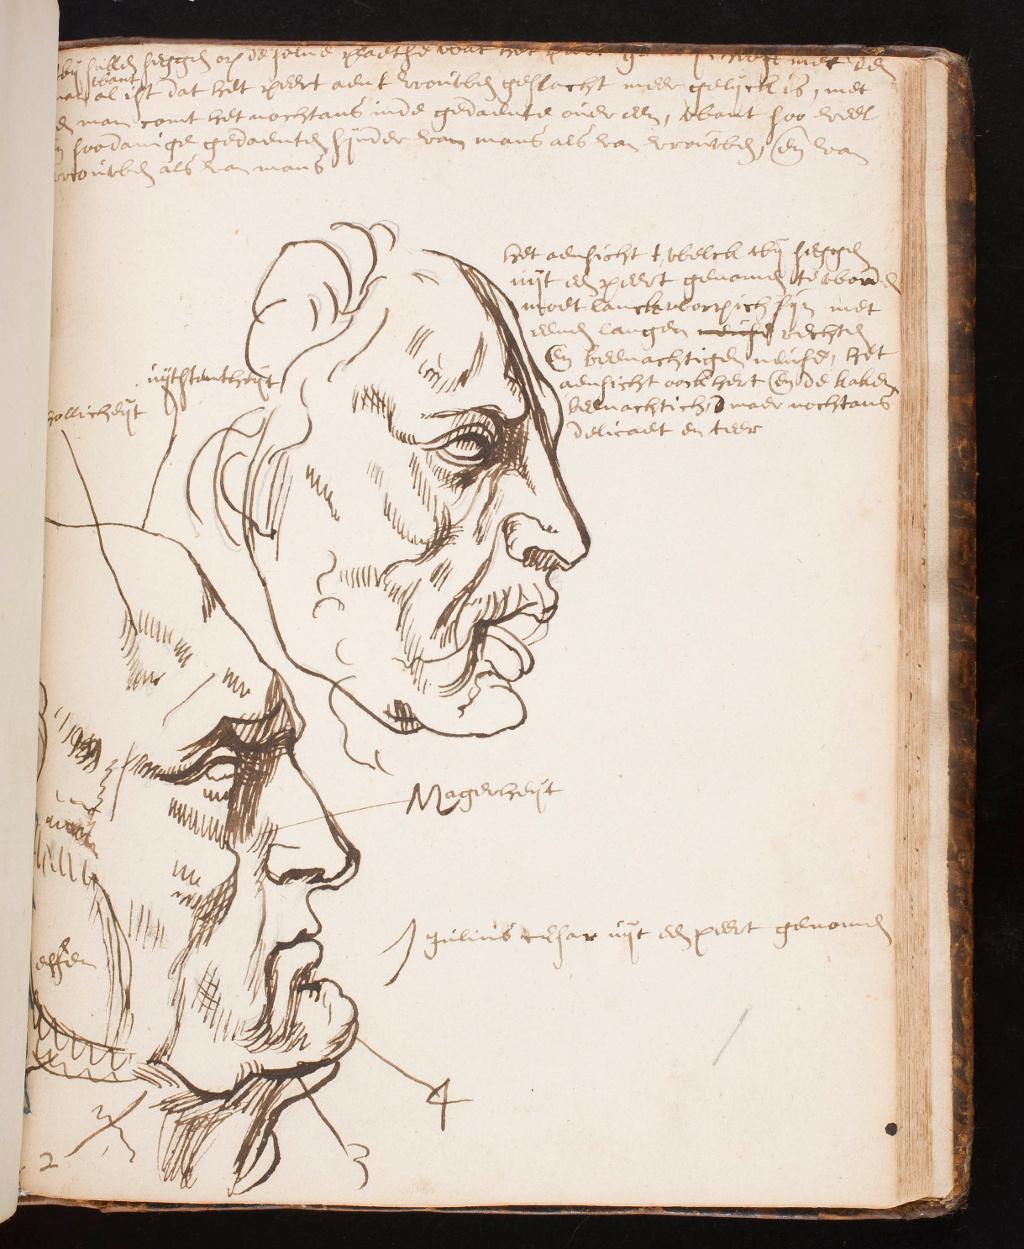 Музей Прадо приобрел редкую библиотеку Хуана Бордеса и получил за это Рубенса!